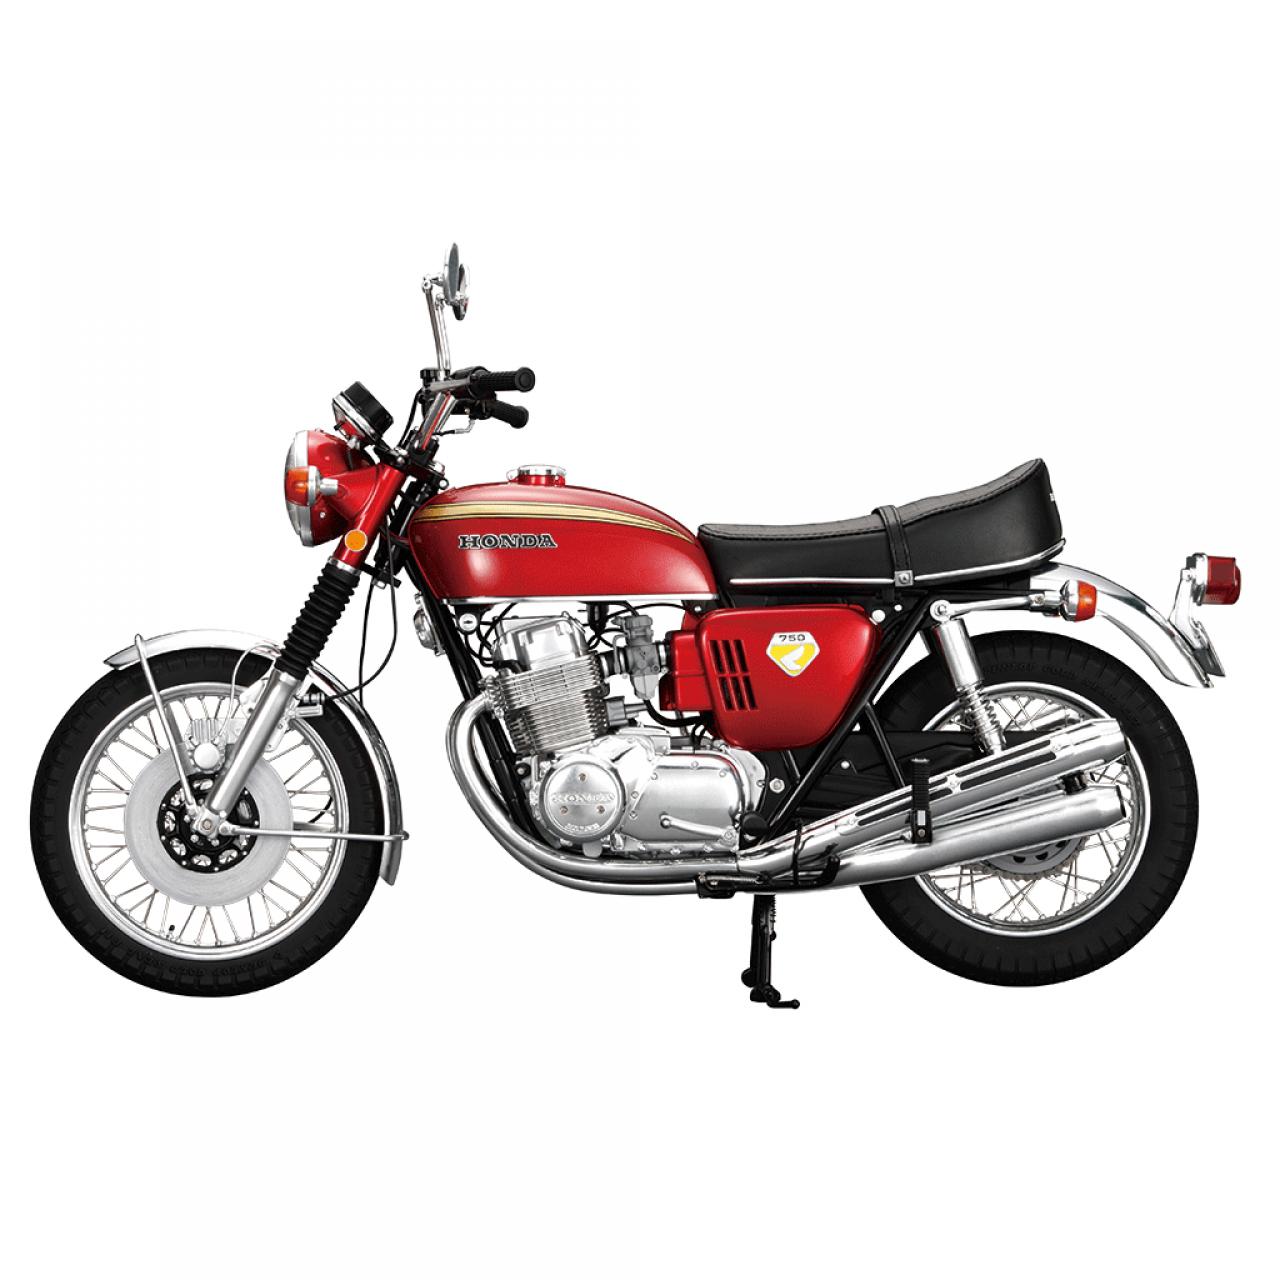 Construisez la Maquette de Moto Honda CB750 | ModelSpace